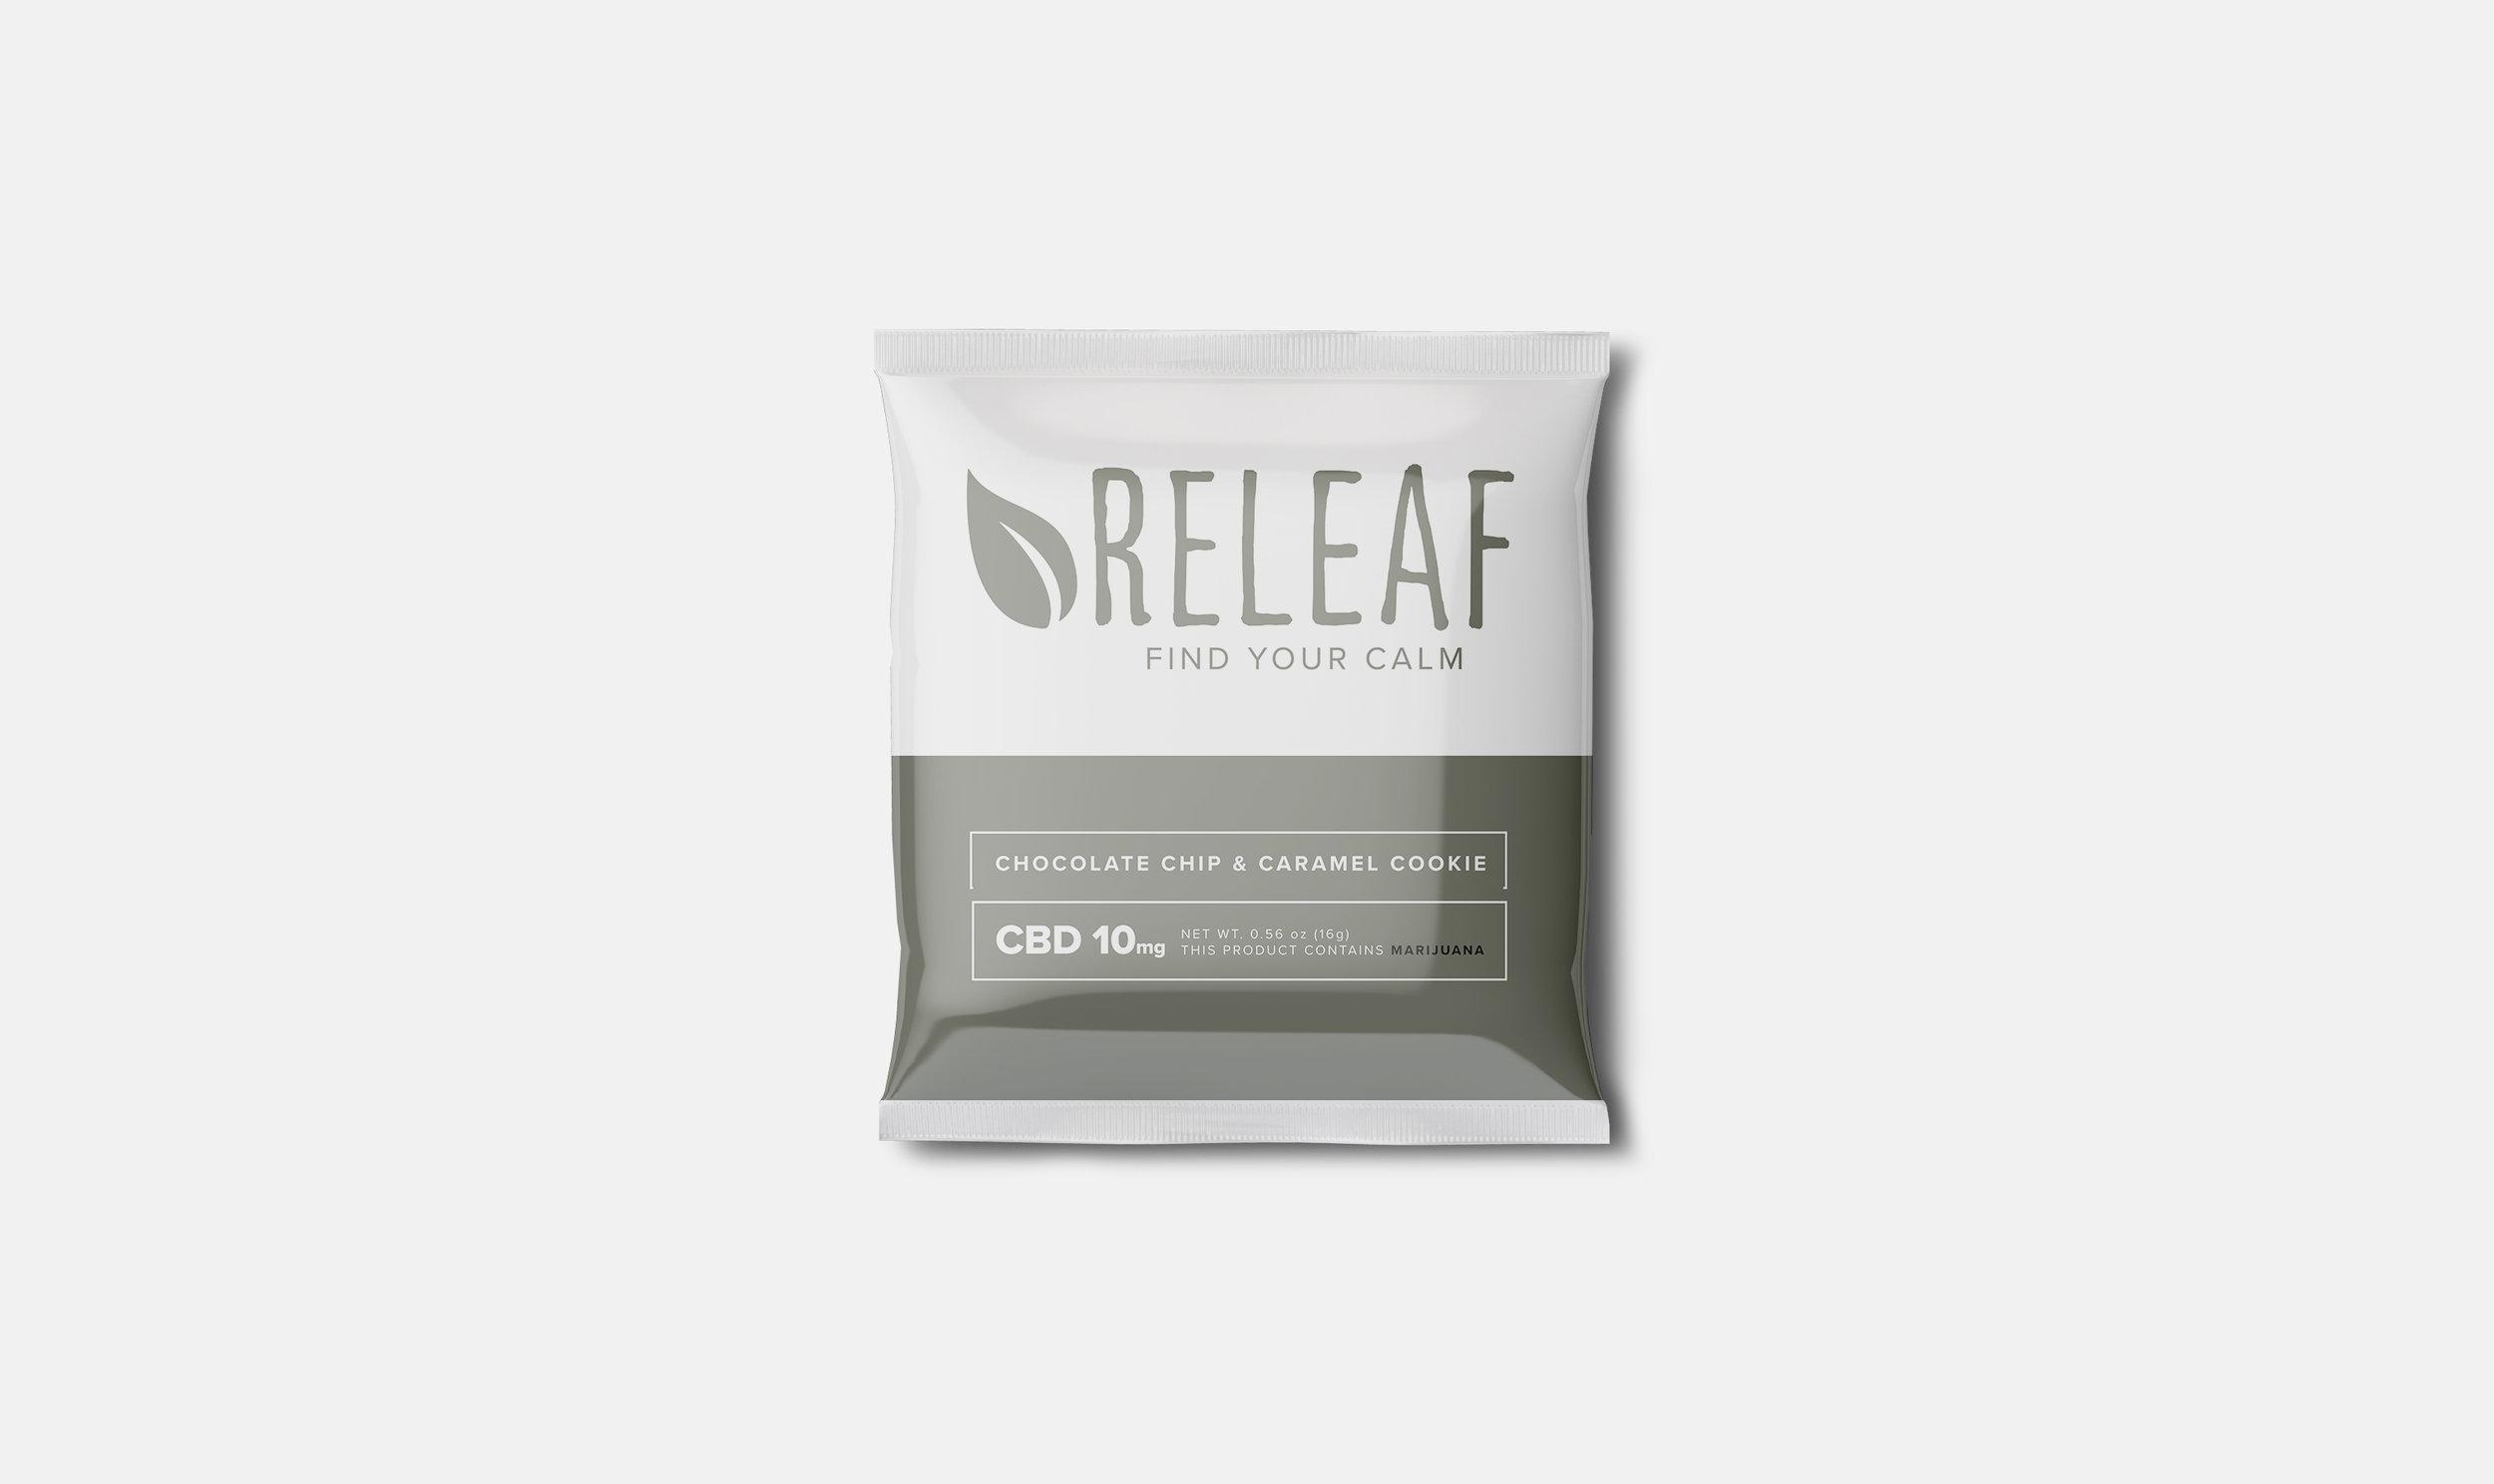 Releaf_Packaging-ext.jpg